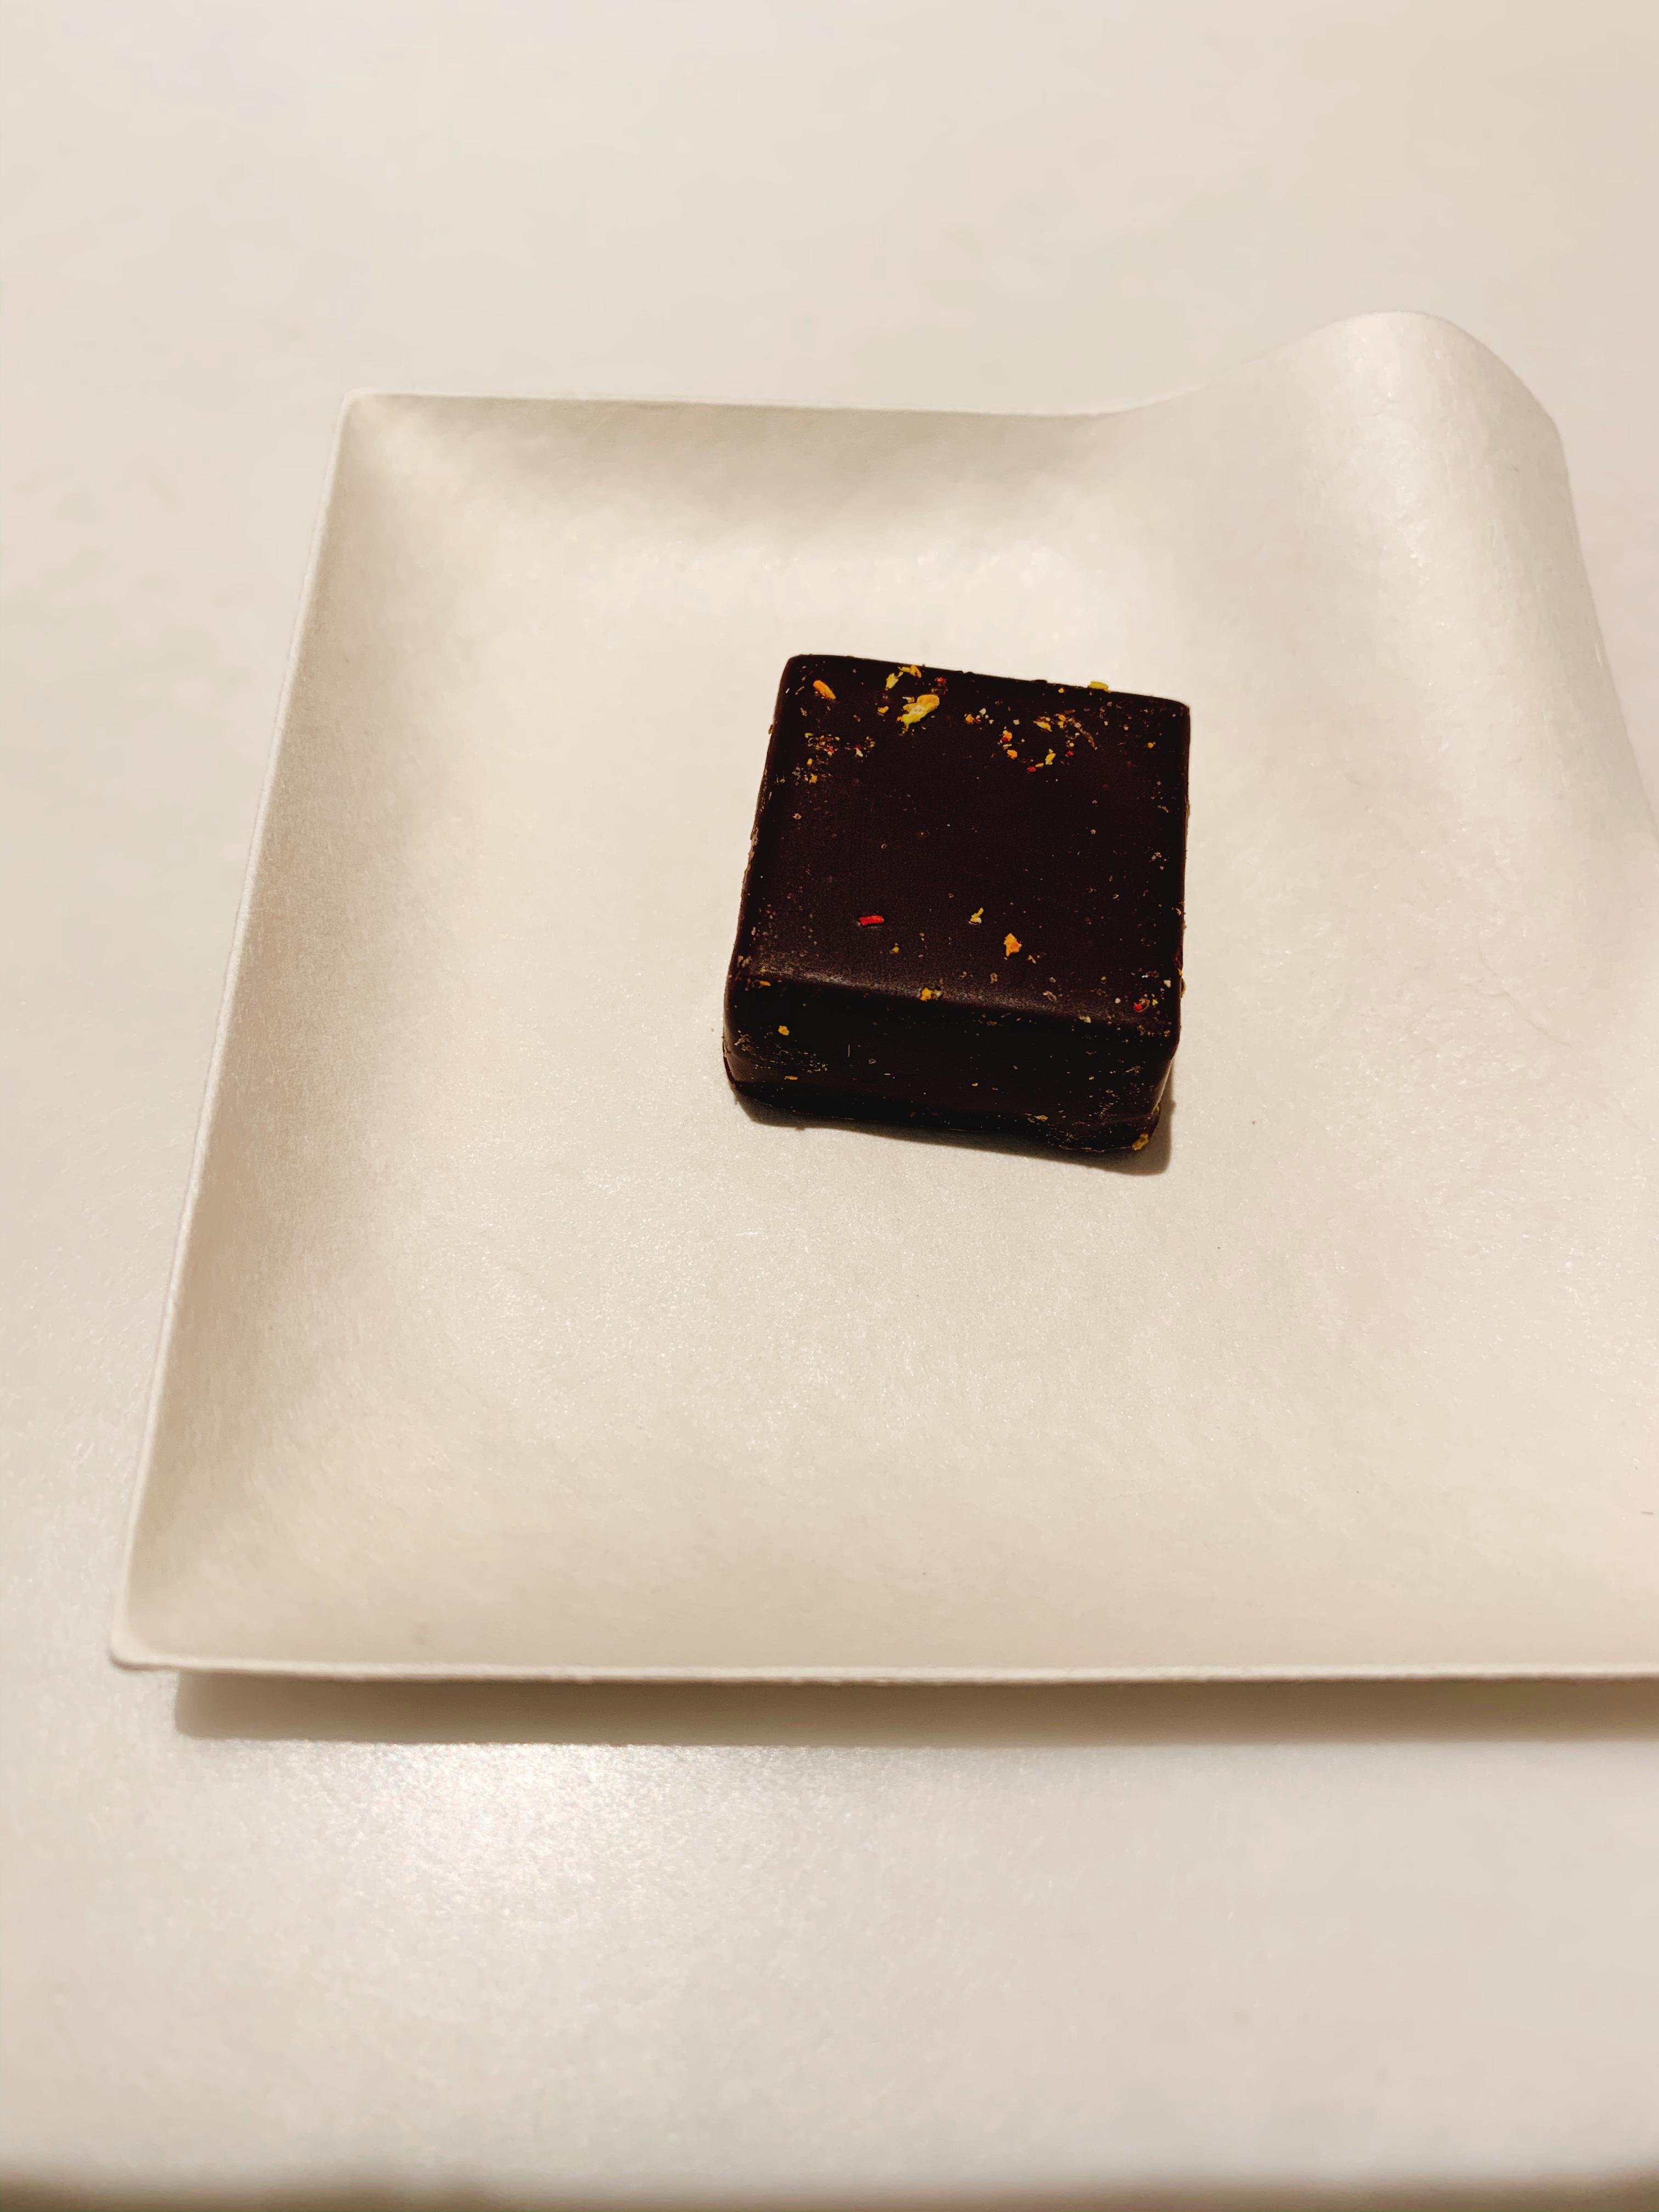 【おすすめカフェ】有名ショコラティエの《花ひらくケーキ》が美しく美味しすぎる♡_7